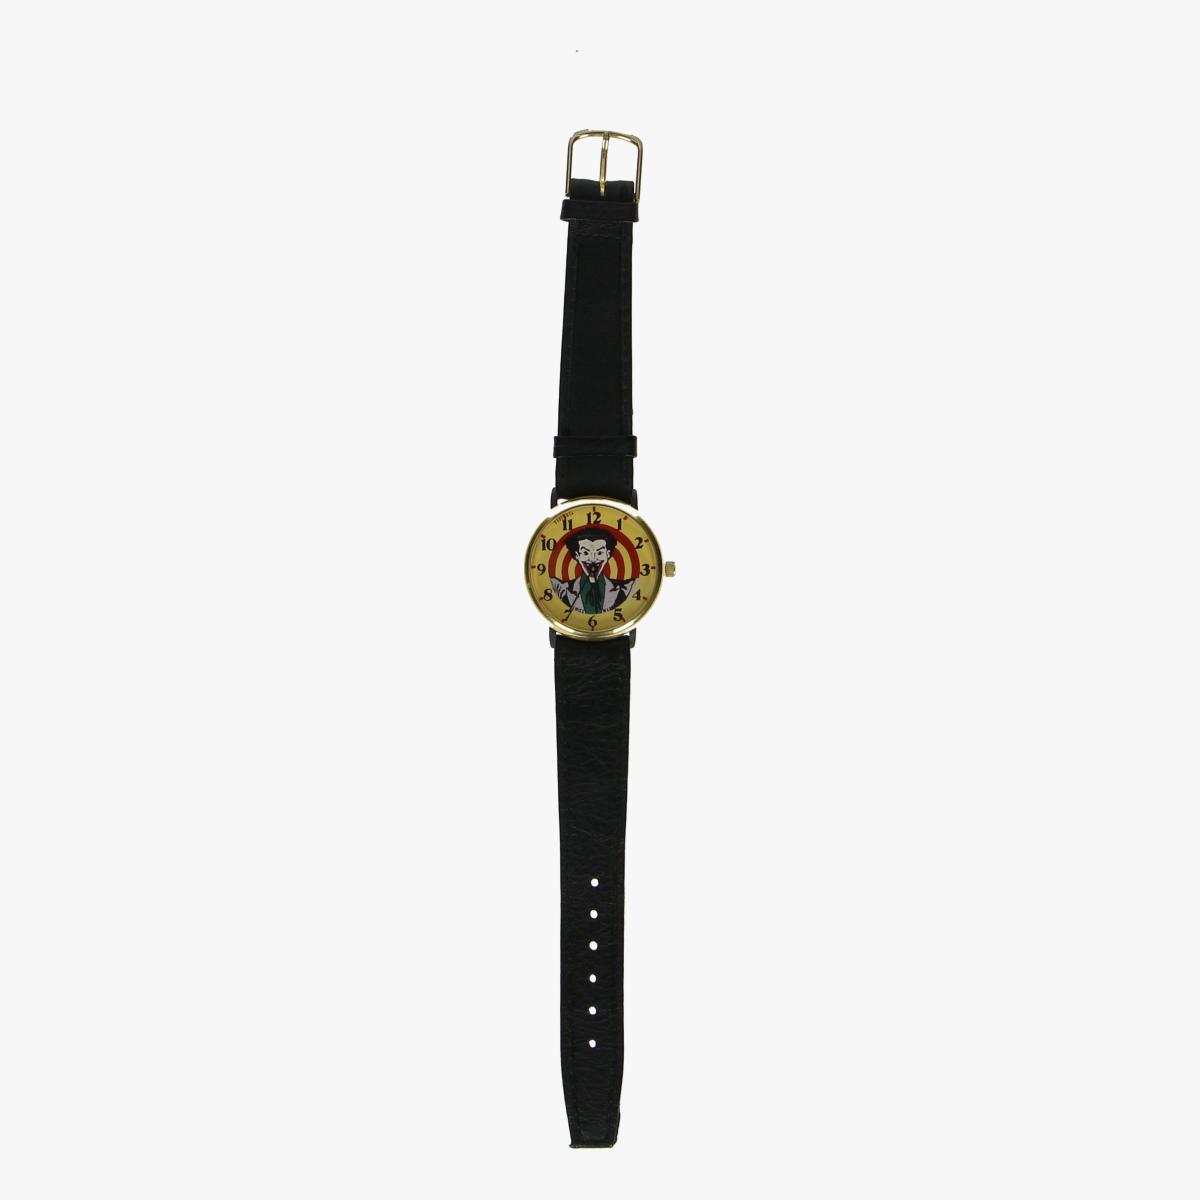 Afbeeldingen van Horloge The joker, dabs & co